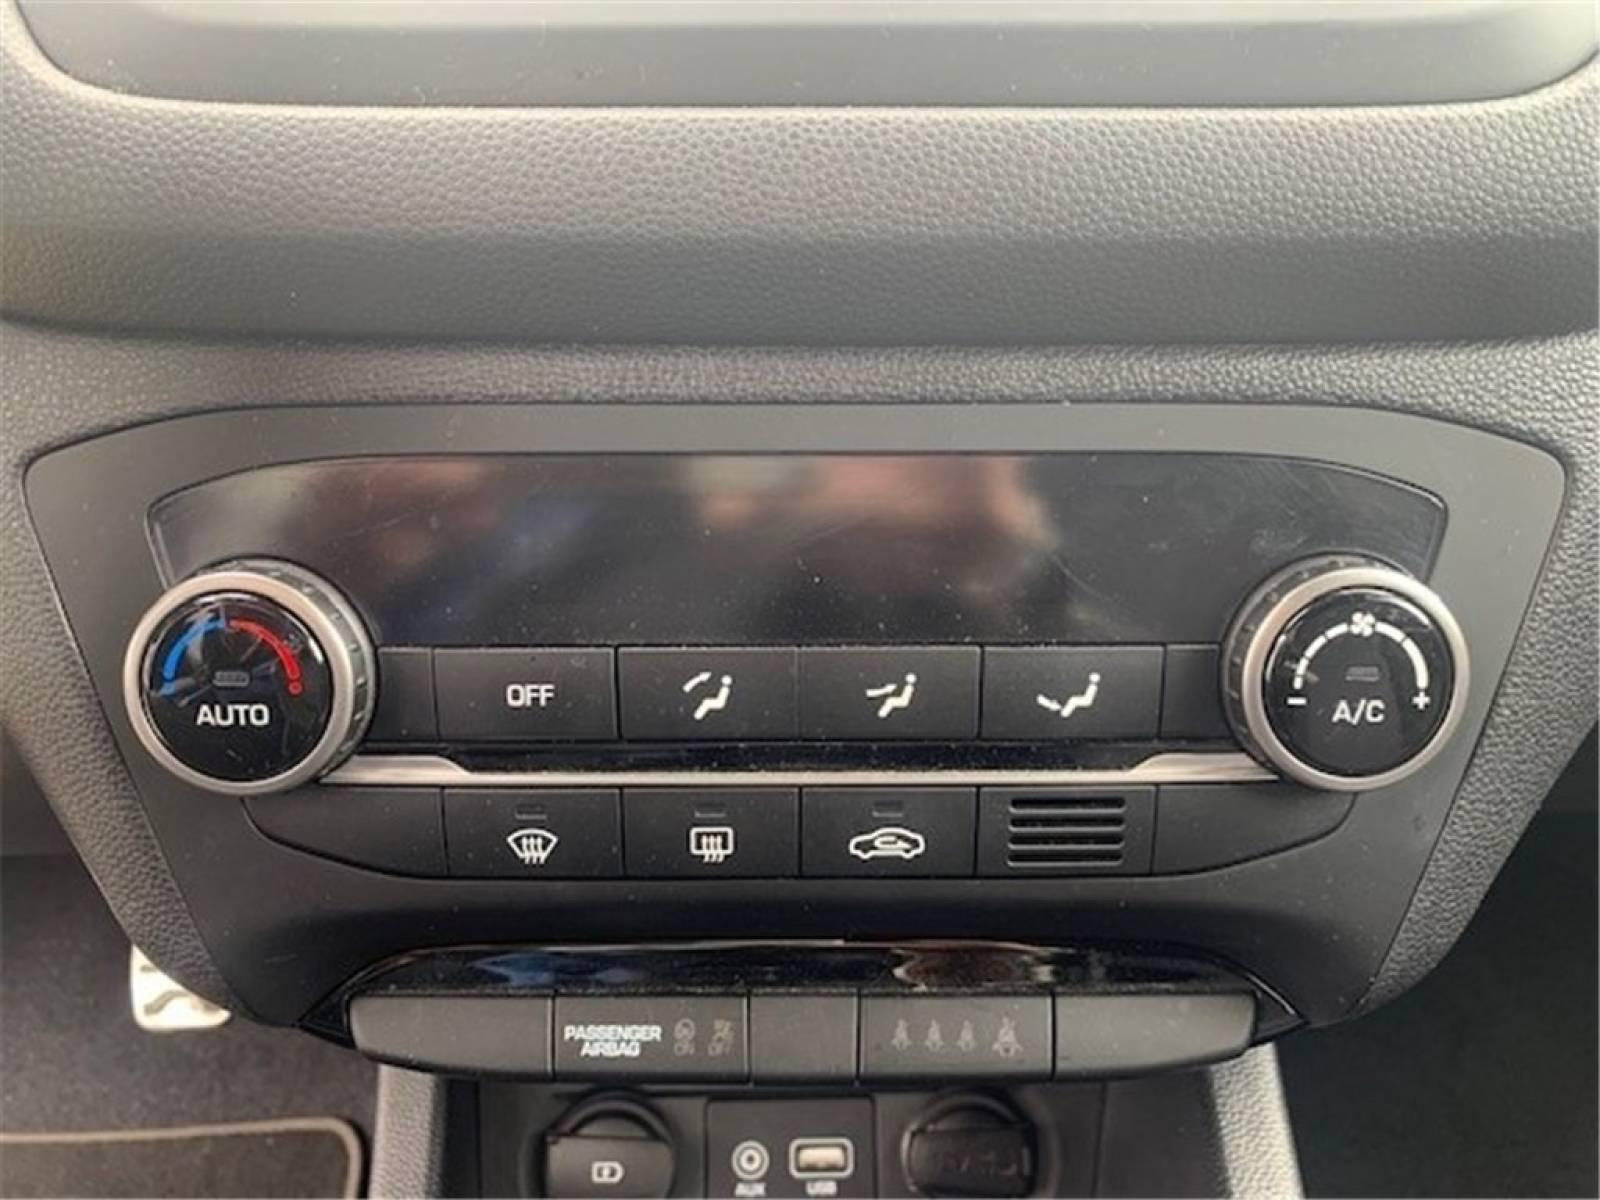 HYUNDAI i20 Active 1.0 T-GDi 100 - véhicule d'occasion - Groupe Guillet - Hyundai - Zenith Motors – Montceau-les-Mines - 71300 - Montceau-les-Mines - 35